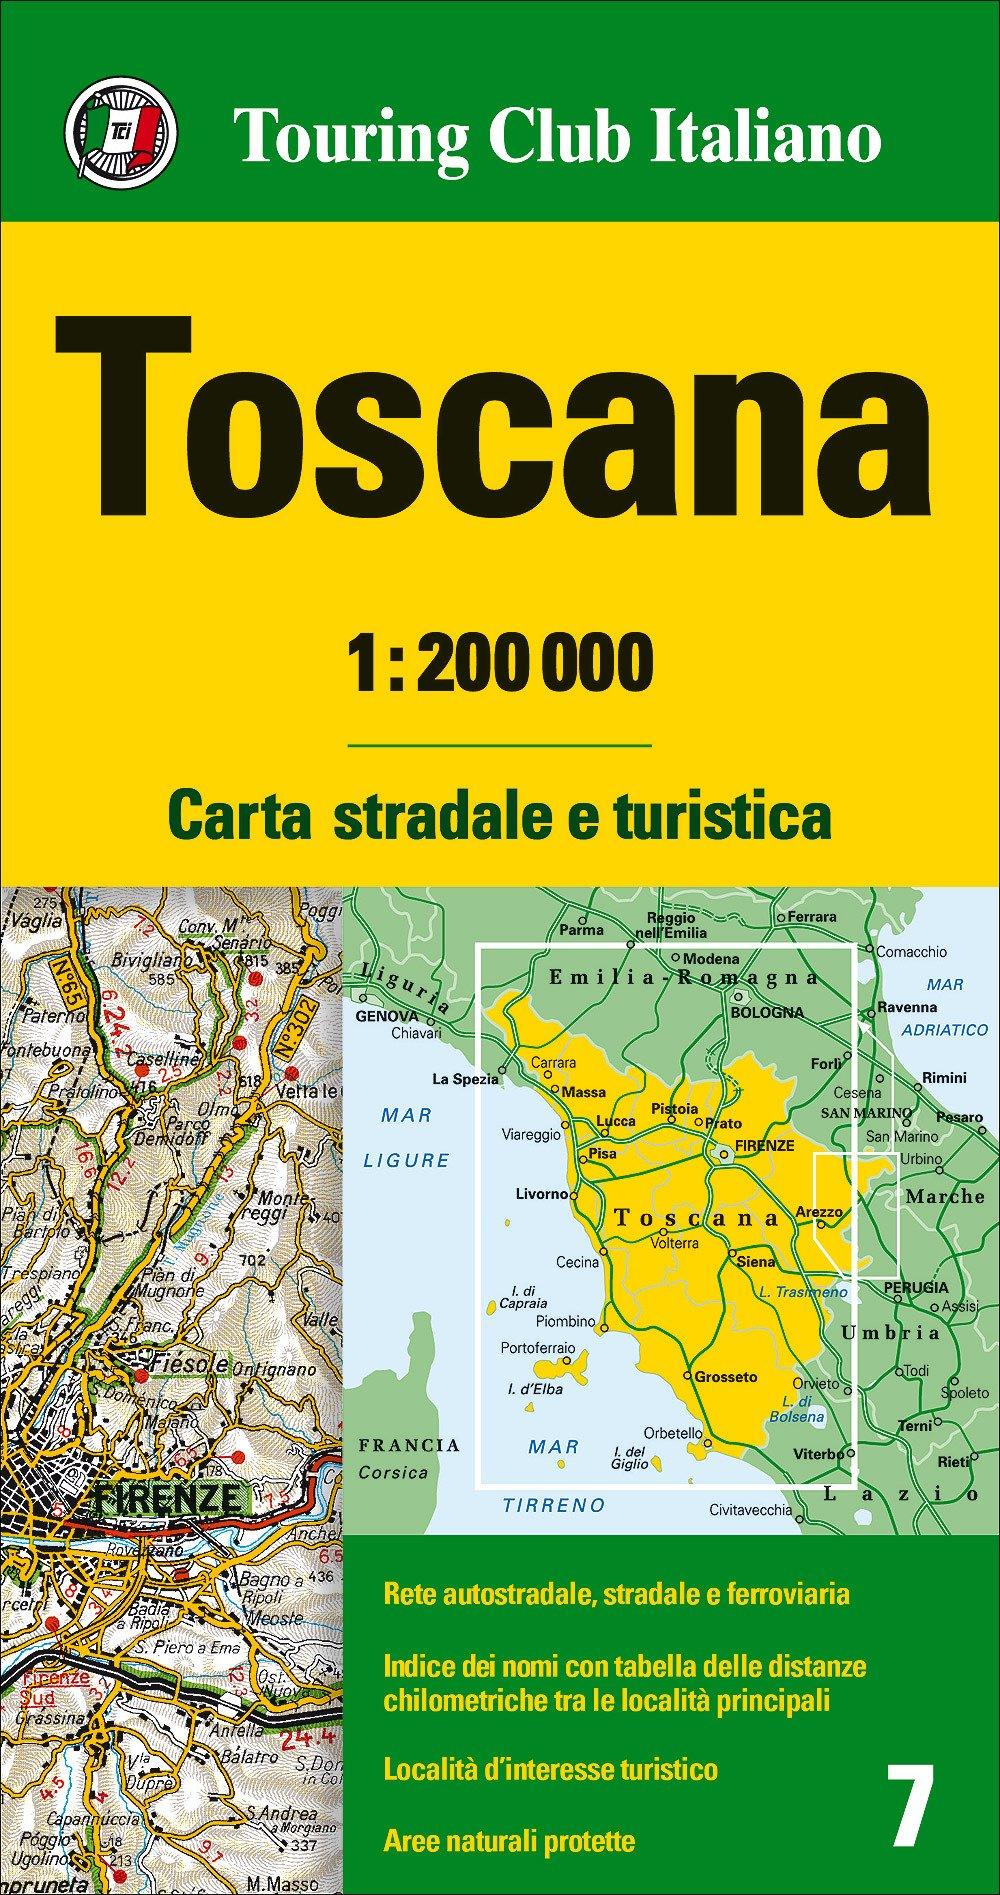 TCI-07  Toscana  1:200.000 9788836569045  TCI Italië Wegenkaarten  Landkaarten en wegenkaarten Toscane, Florence